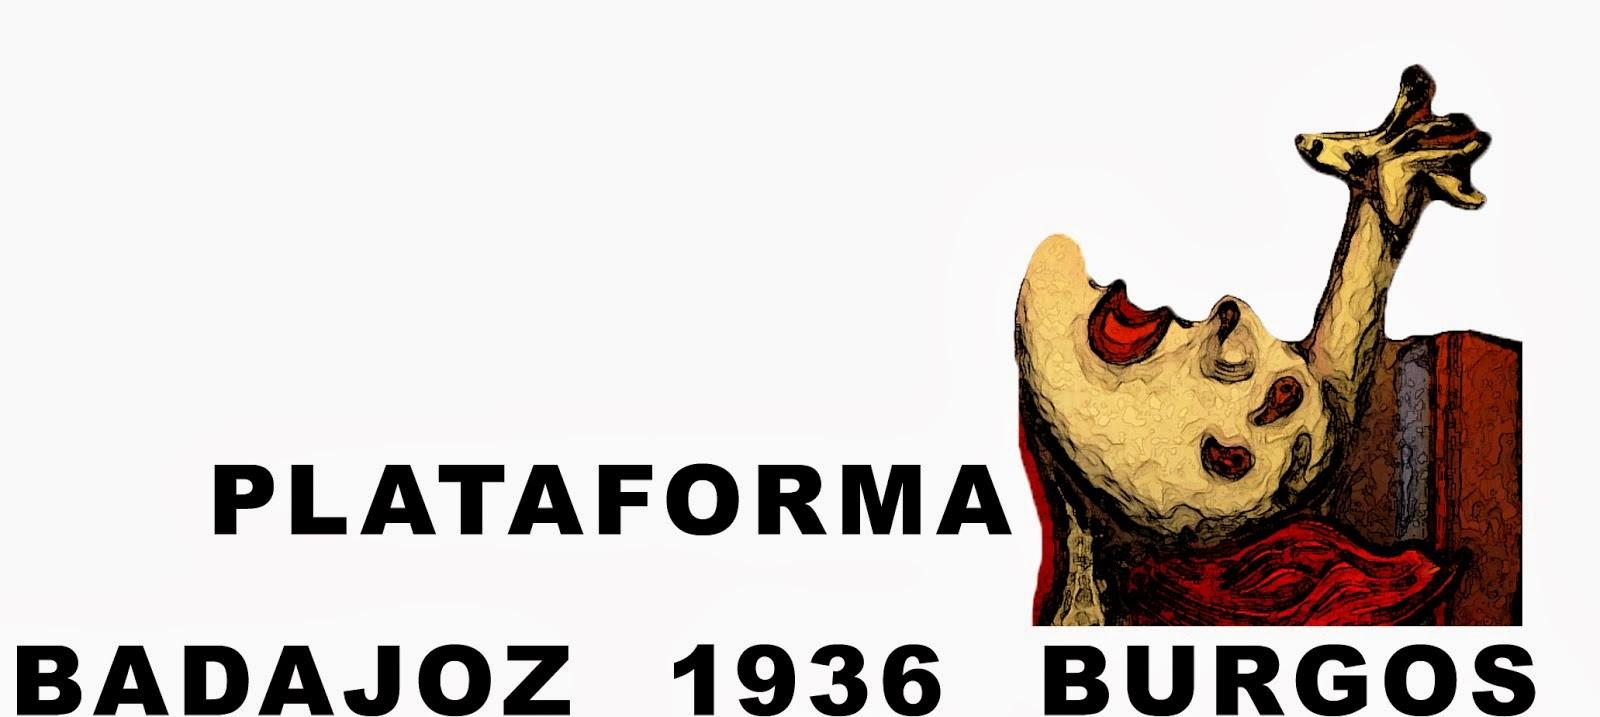 Plataforma Badajoz 1936 Burgos